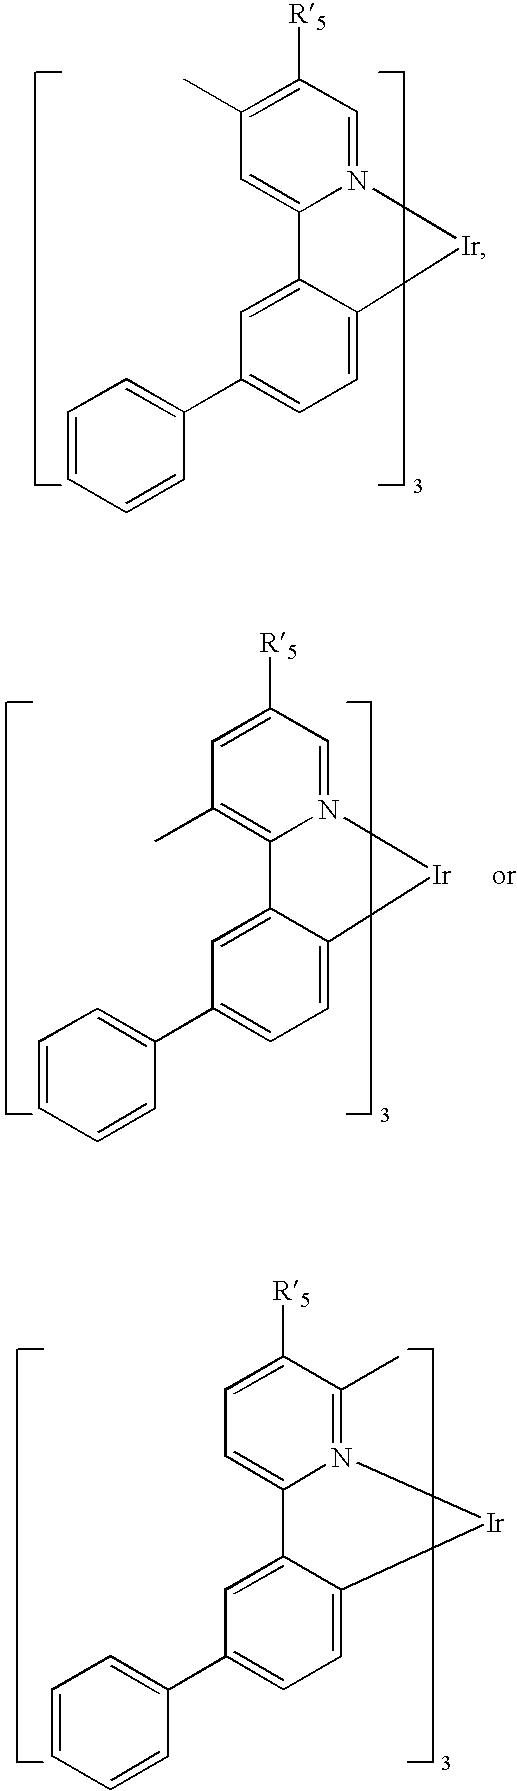 Figure US20070003789A1-20070104-C00046